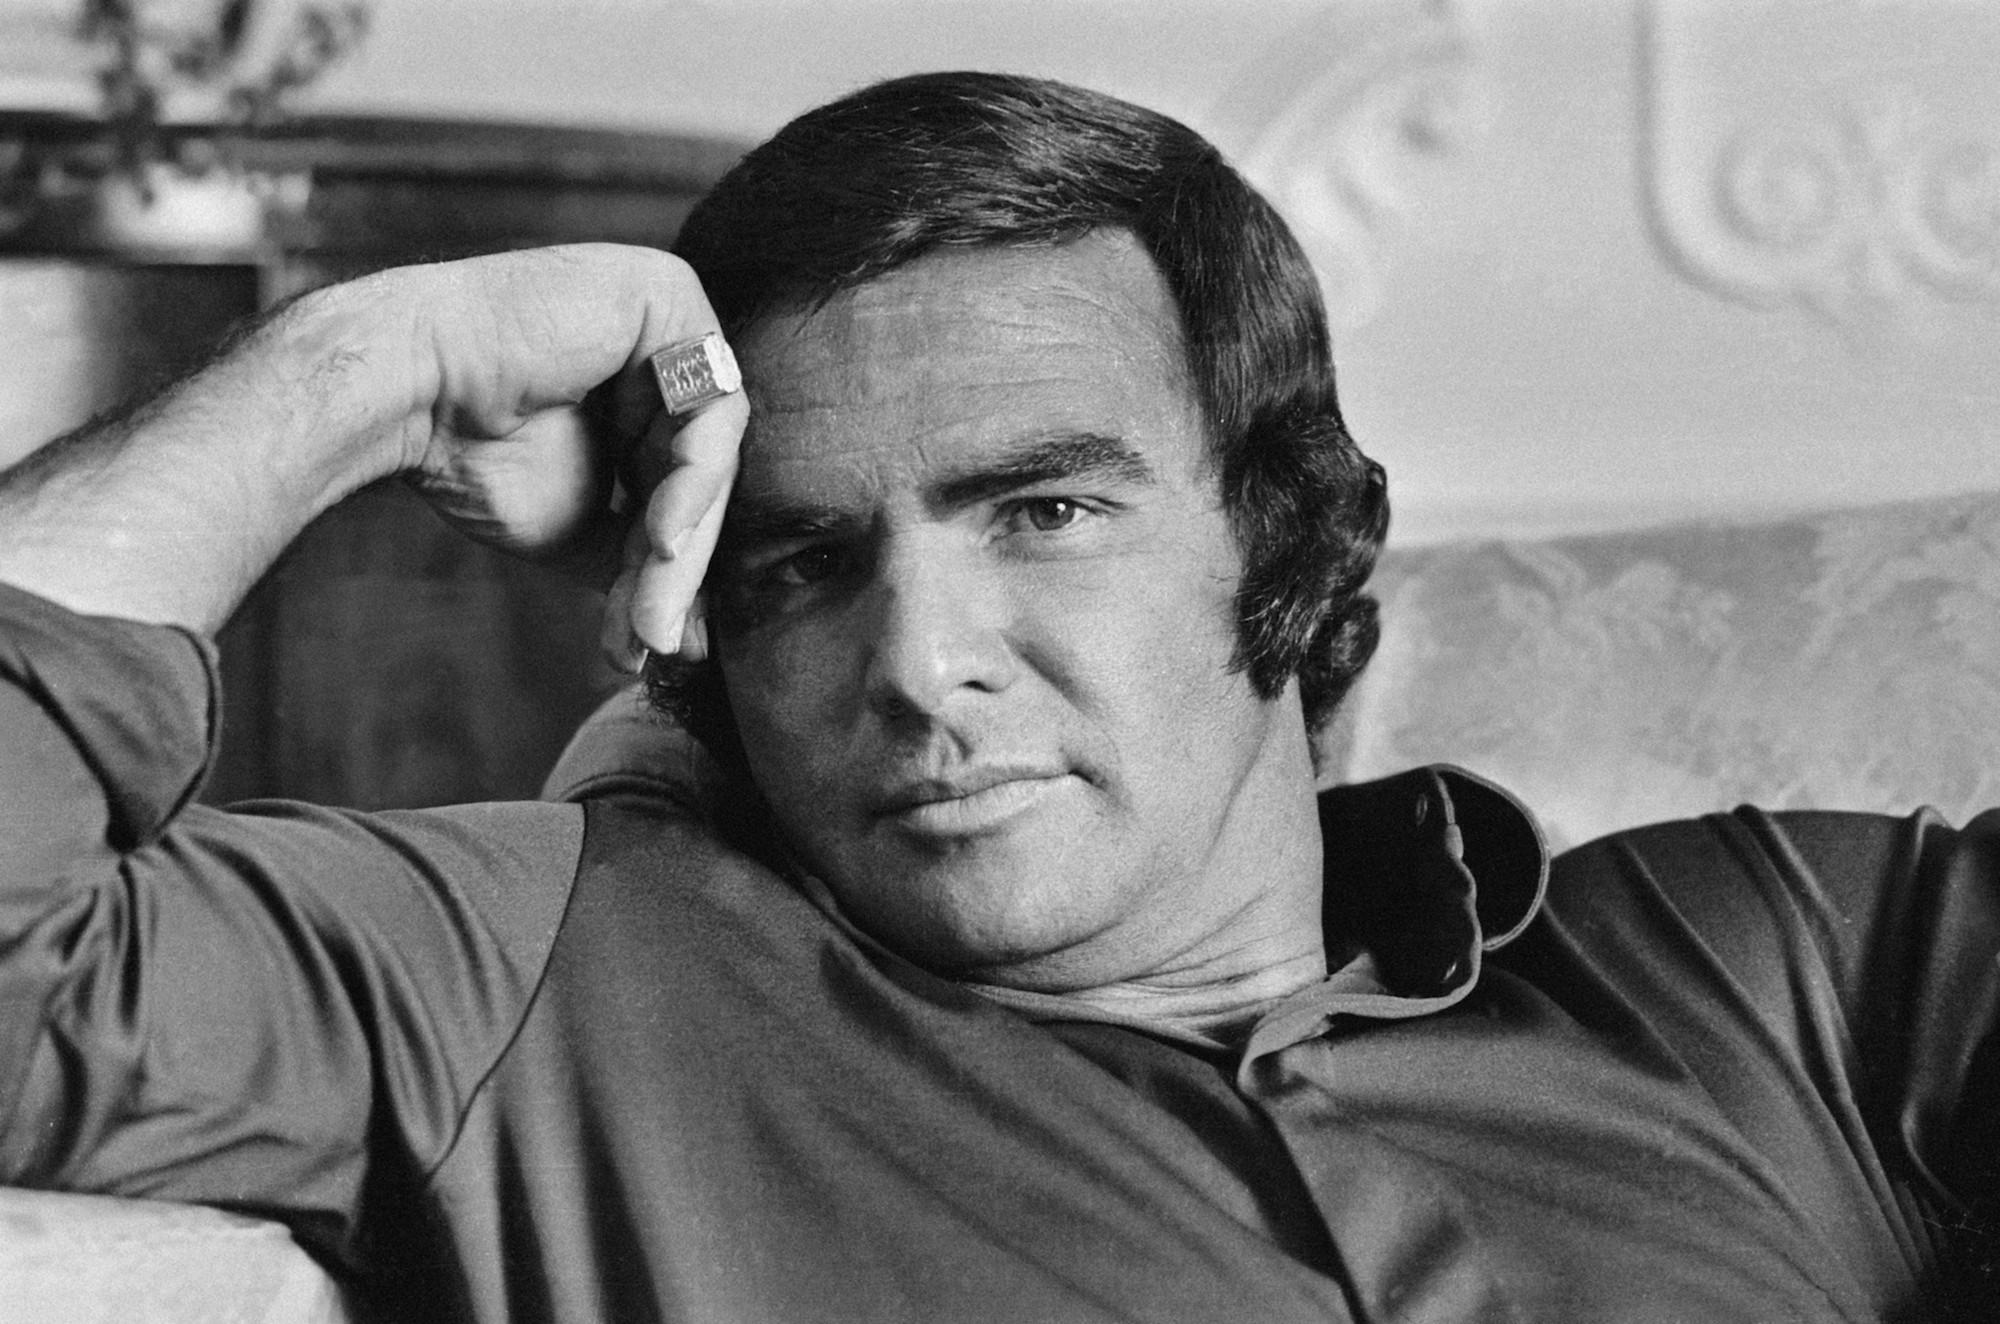 Burt Reynolds in 1972